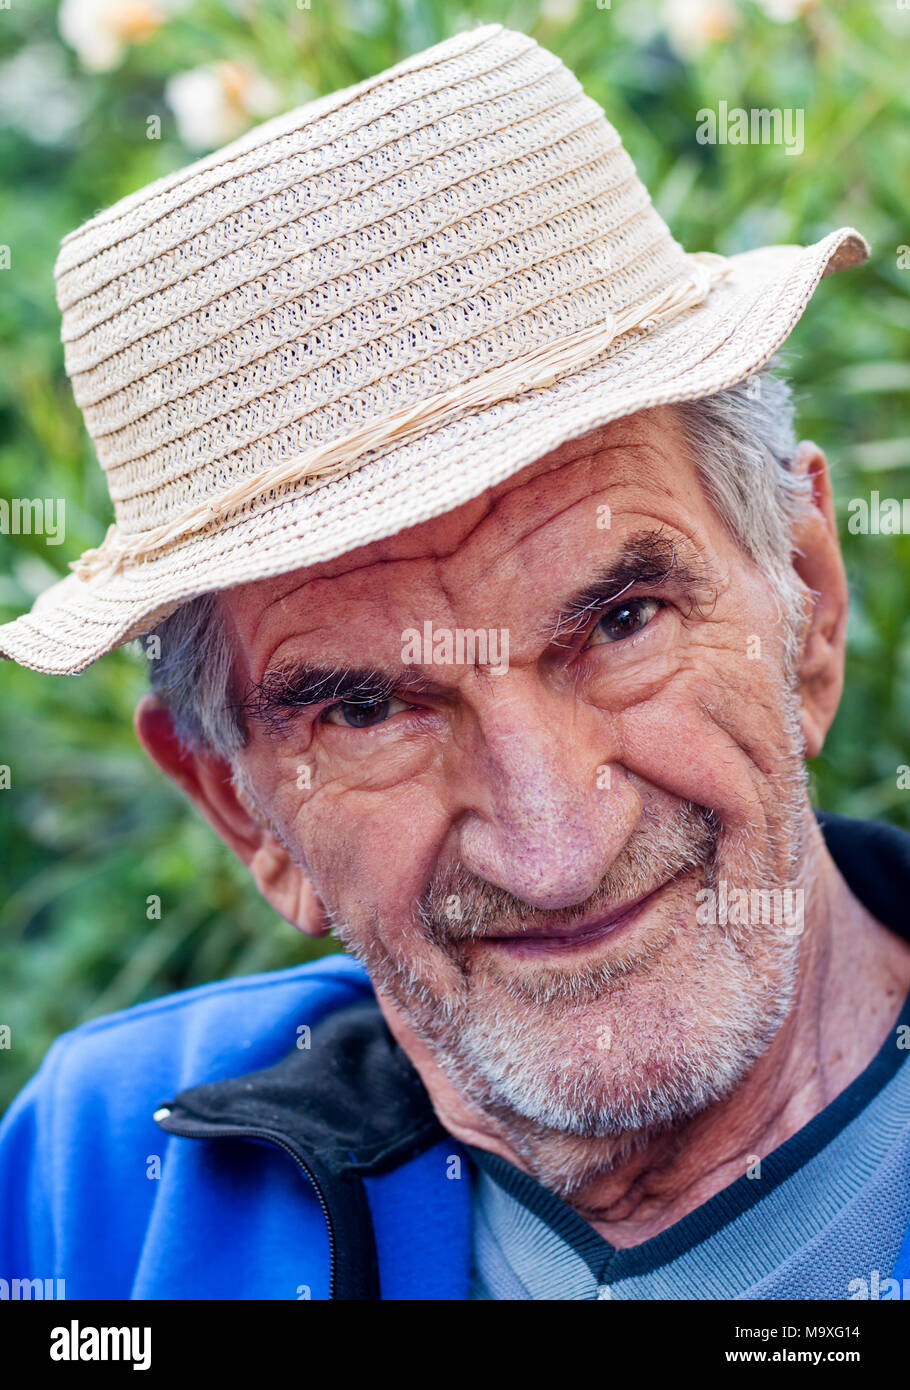 Un portrait d'un beau sourire, un homme âgé dans la région de hat à l'extérieur. Banque D'Images